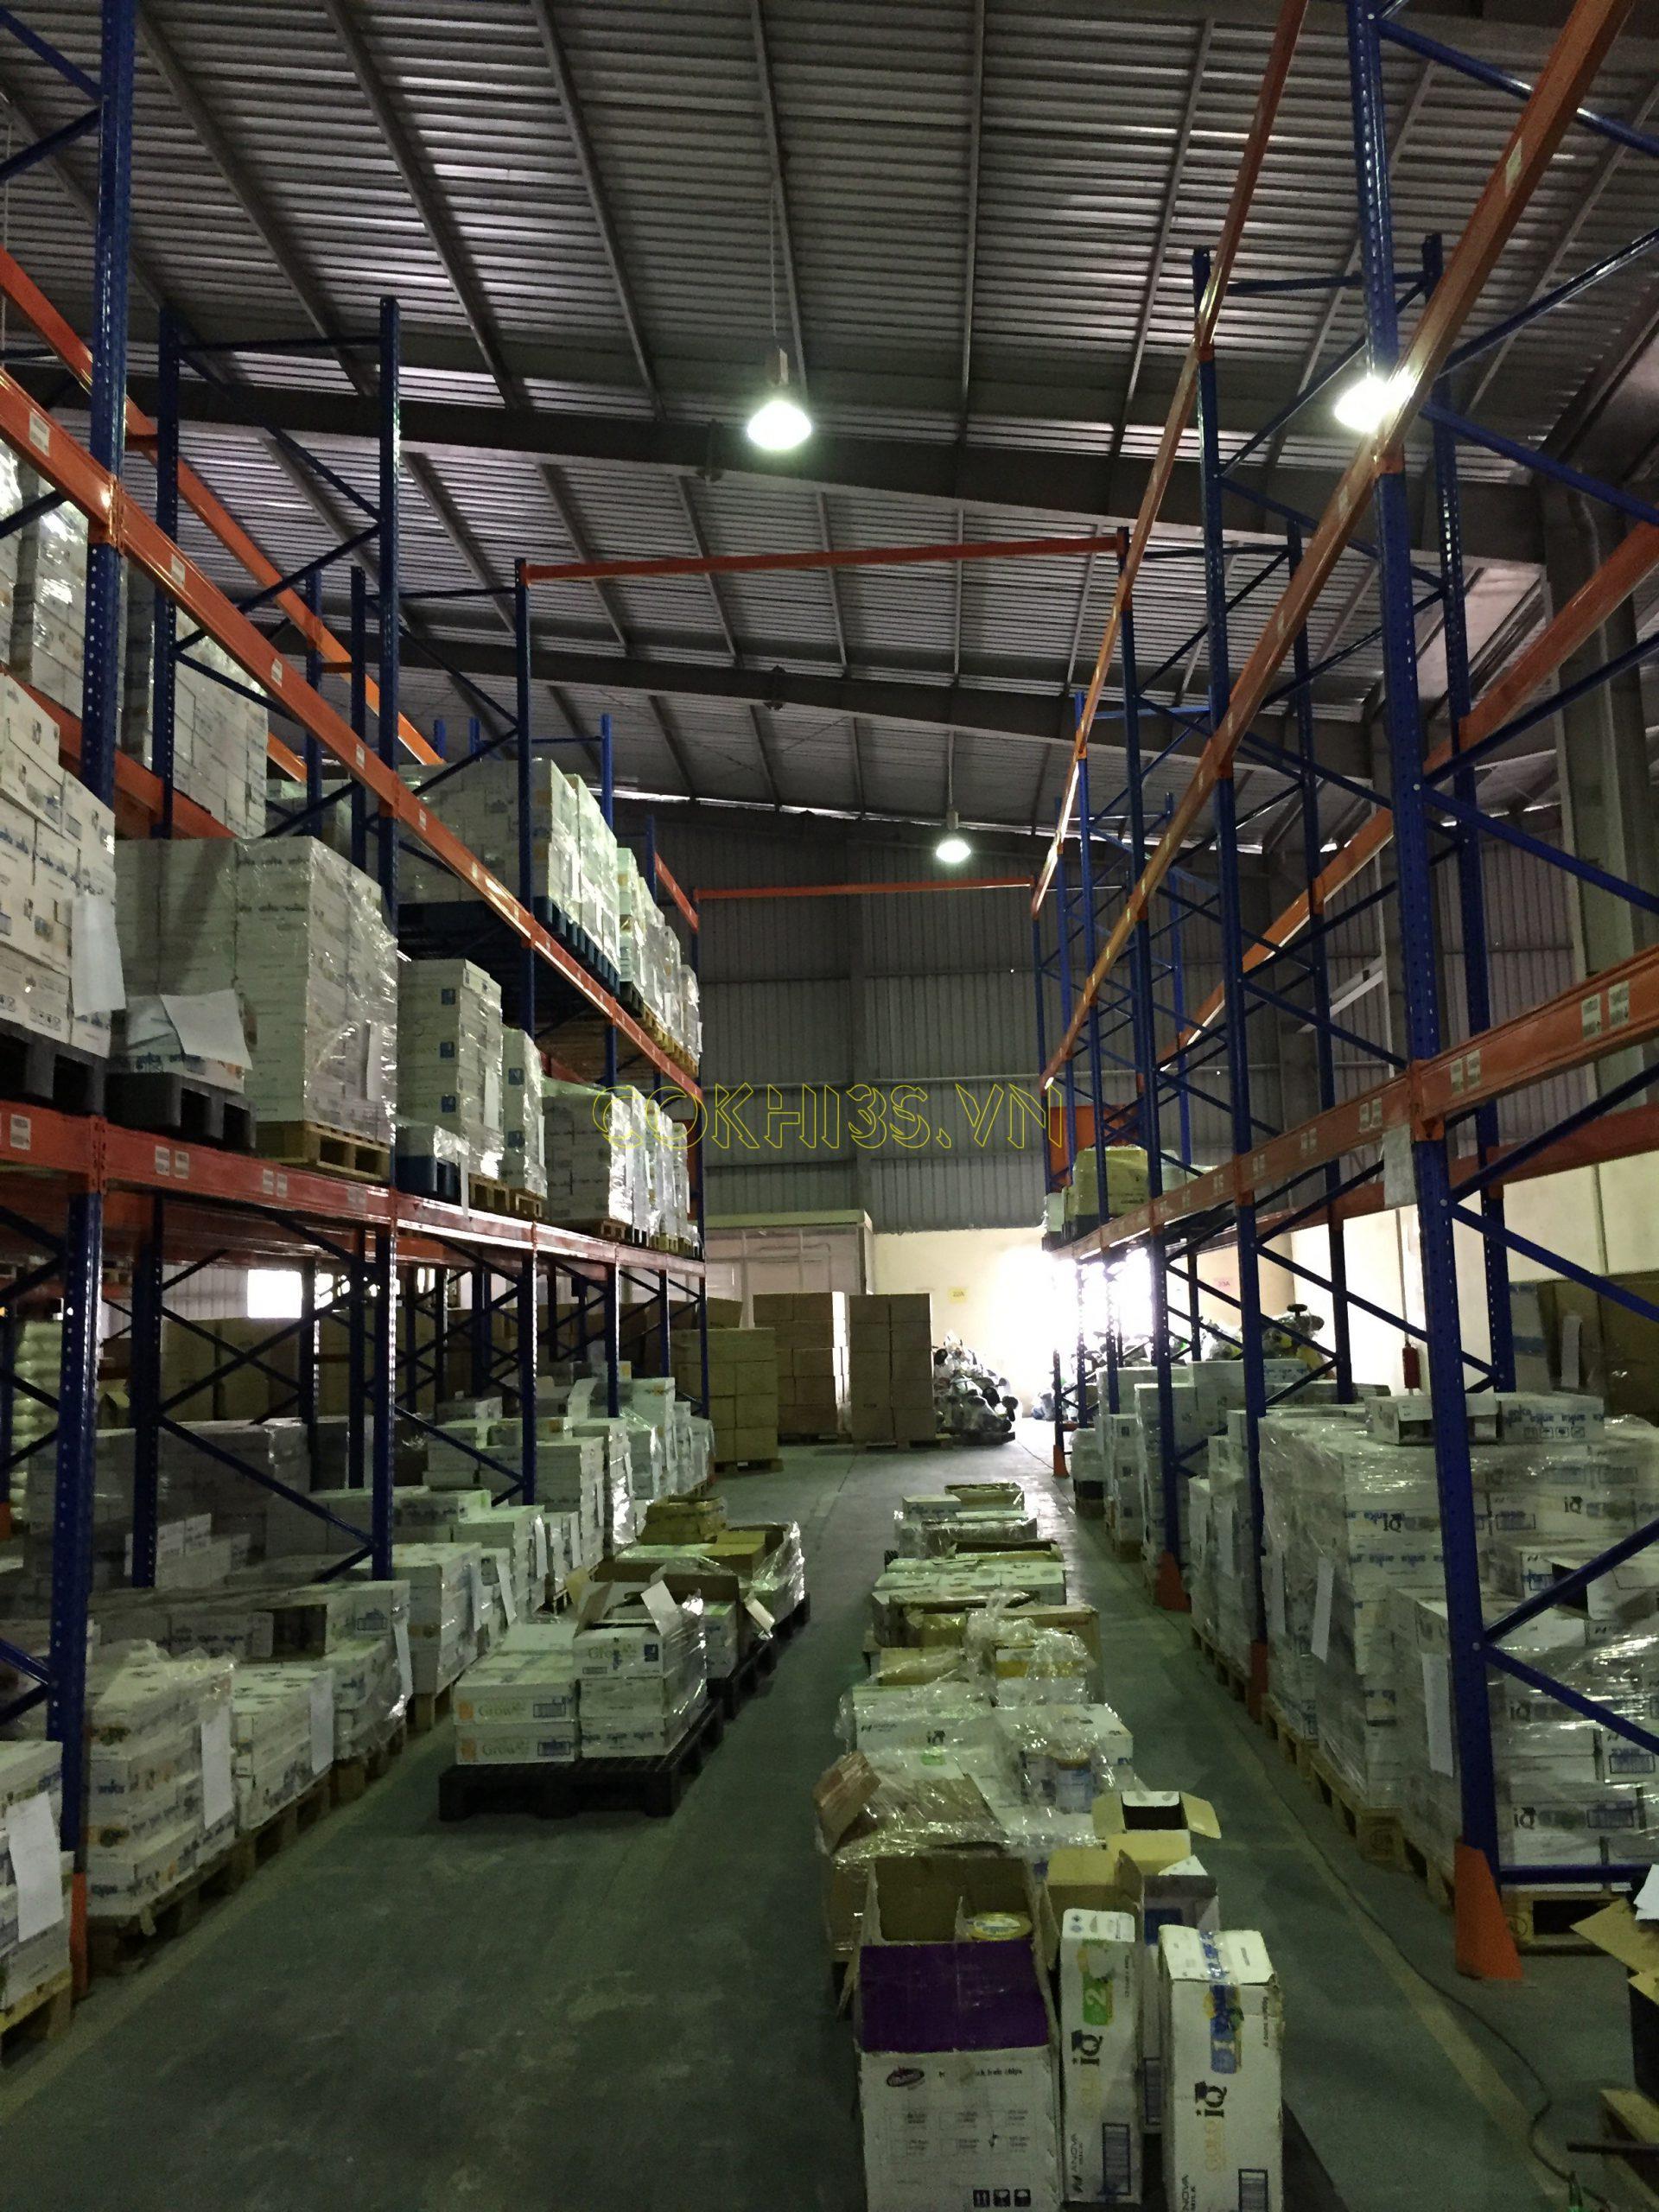 Lắp đặt hệ thống kệ hạng nặng trong kho công nghiệp 3